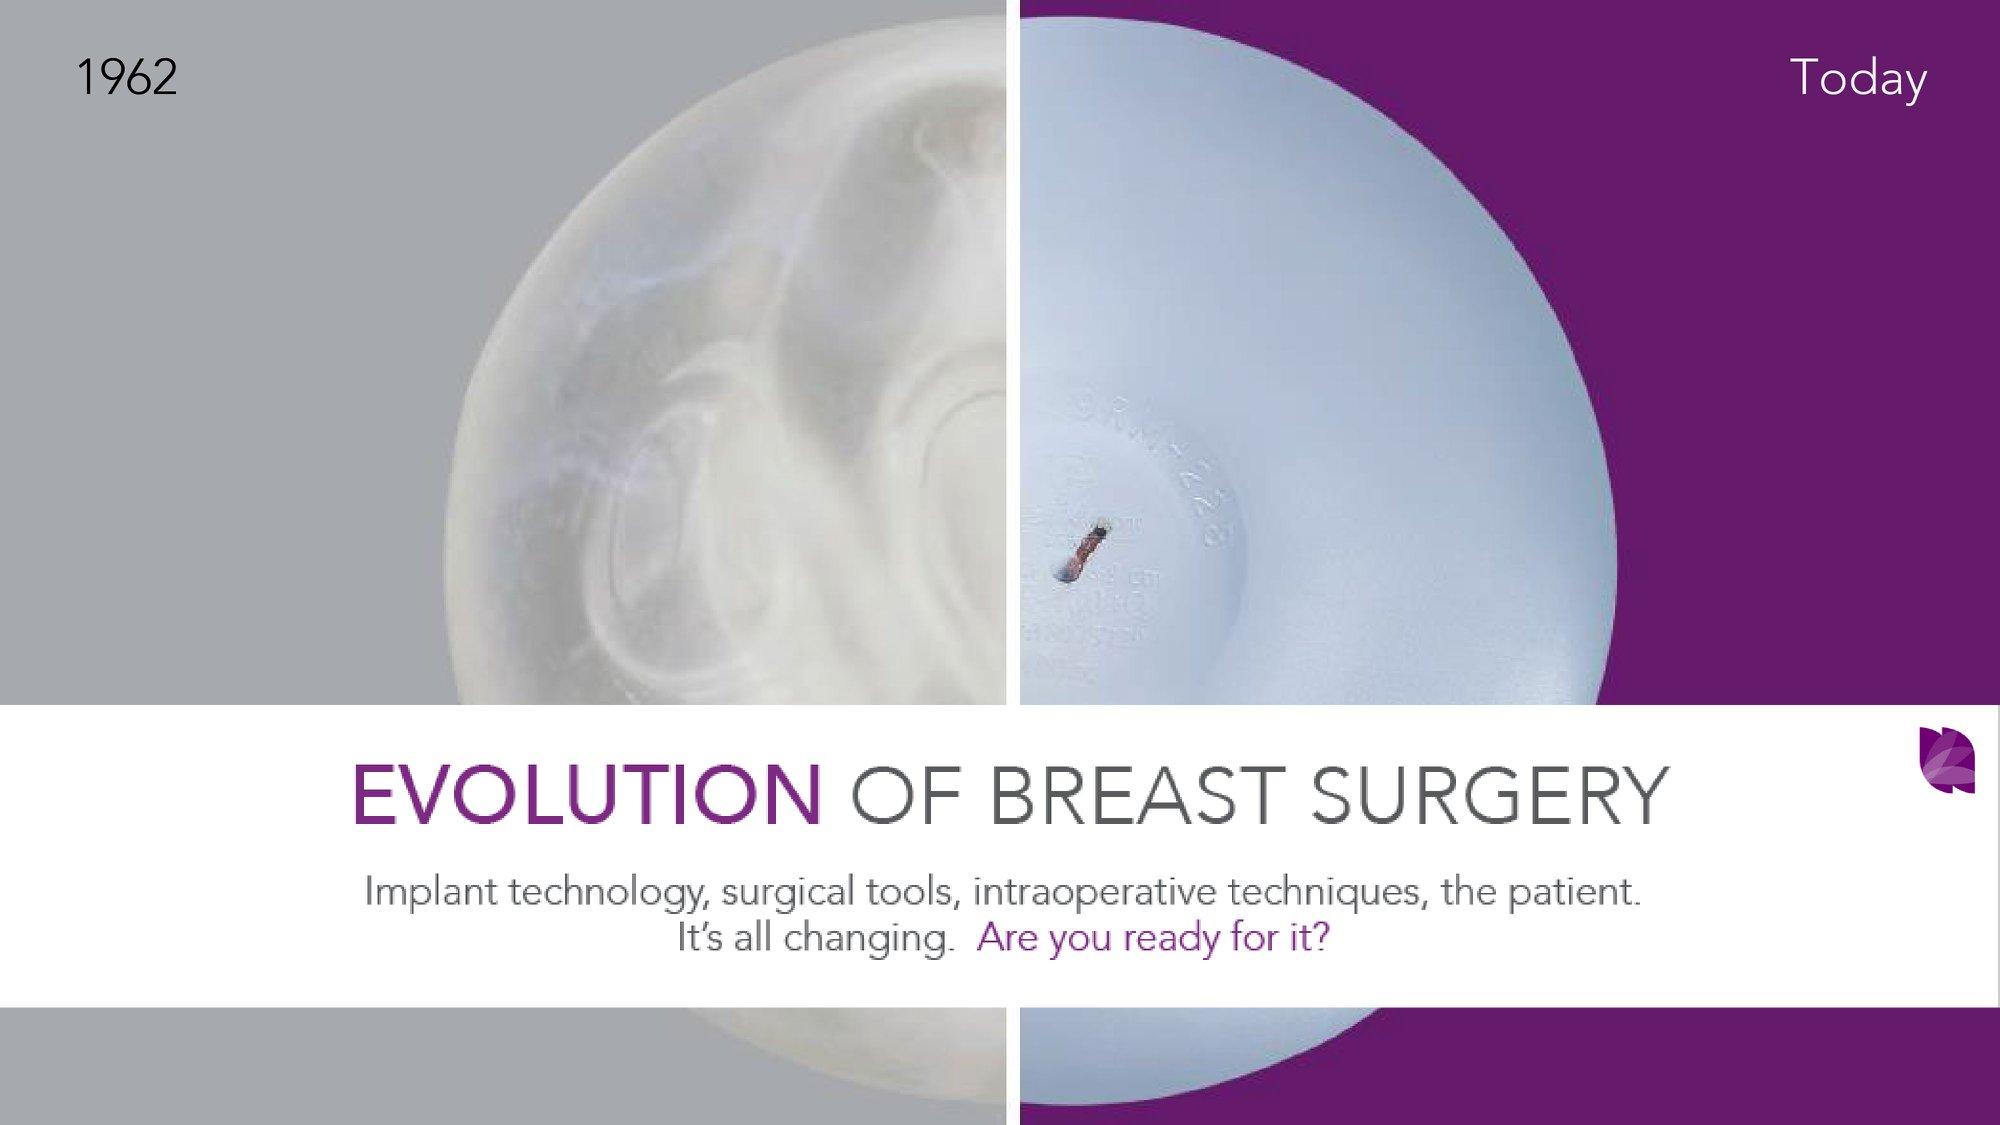 隆乳手術的演進